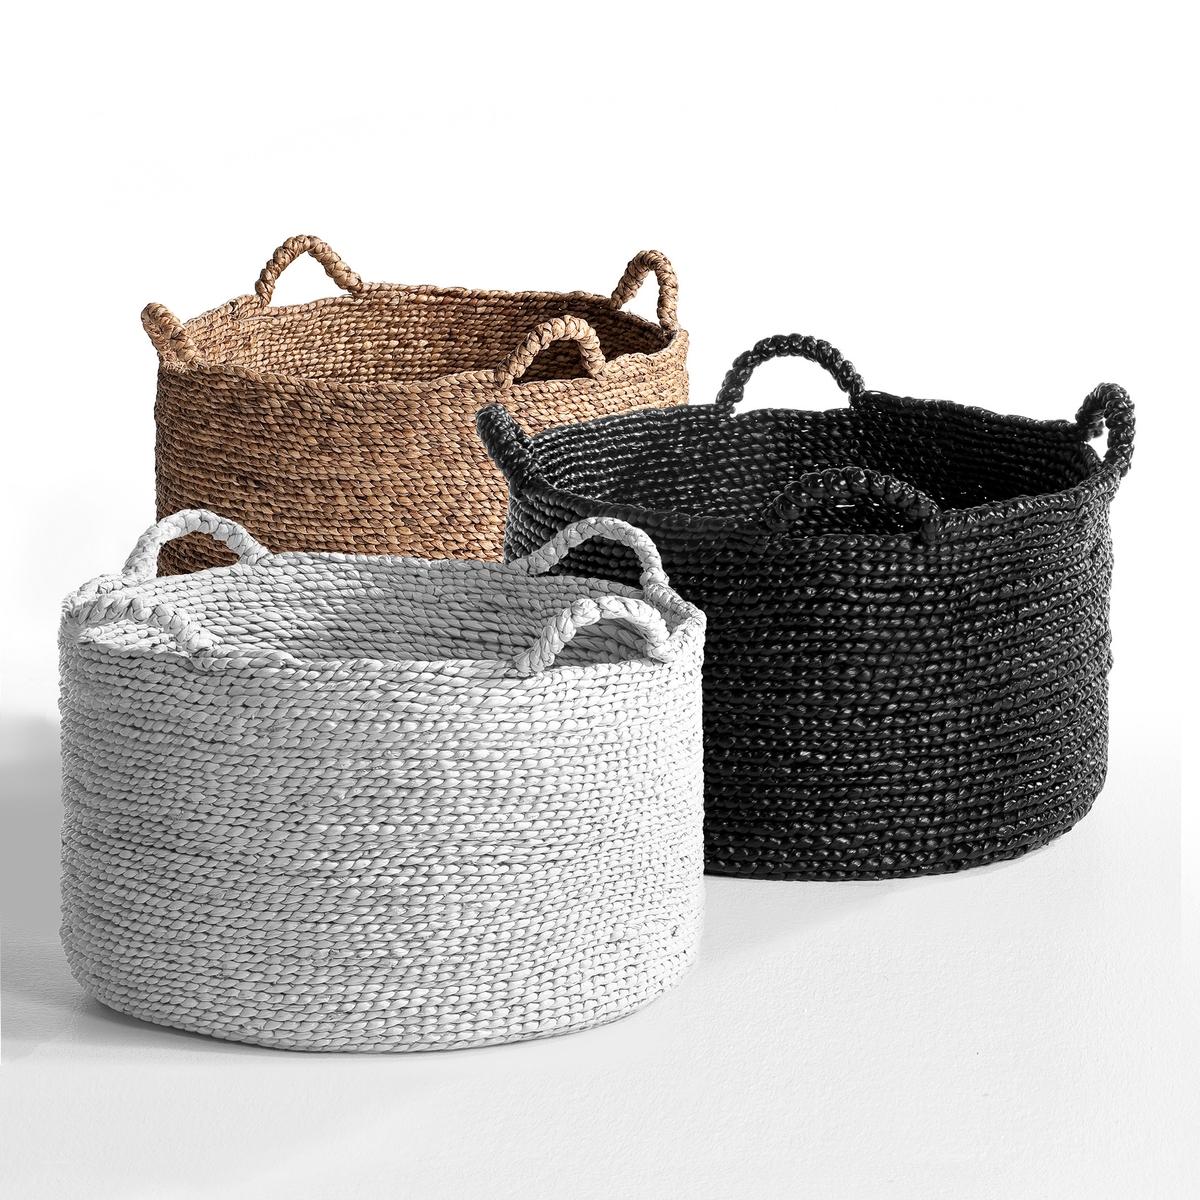 Круглая плетеная корзина В37 см, Raga от La Redoute